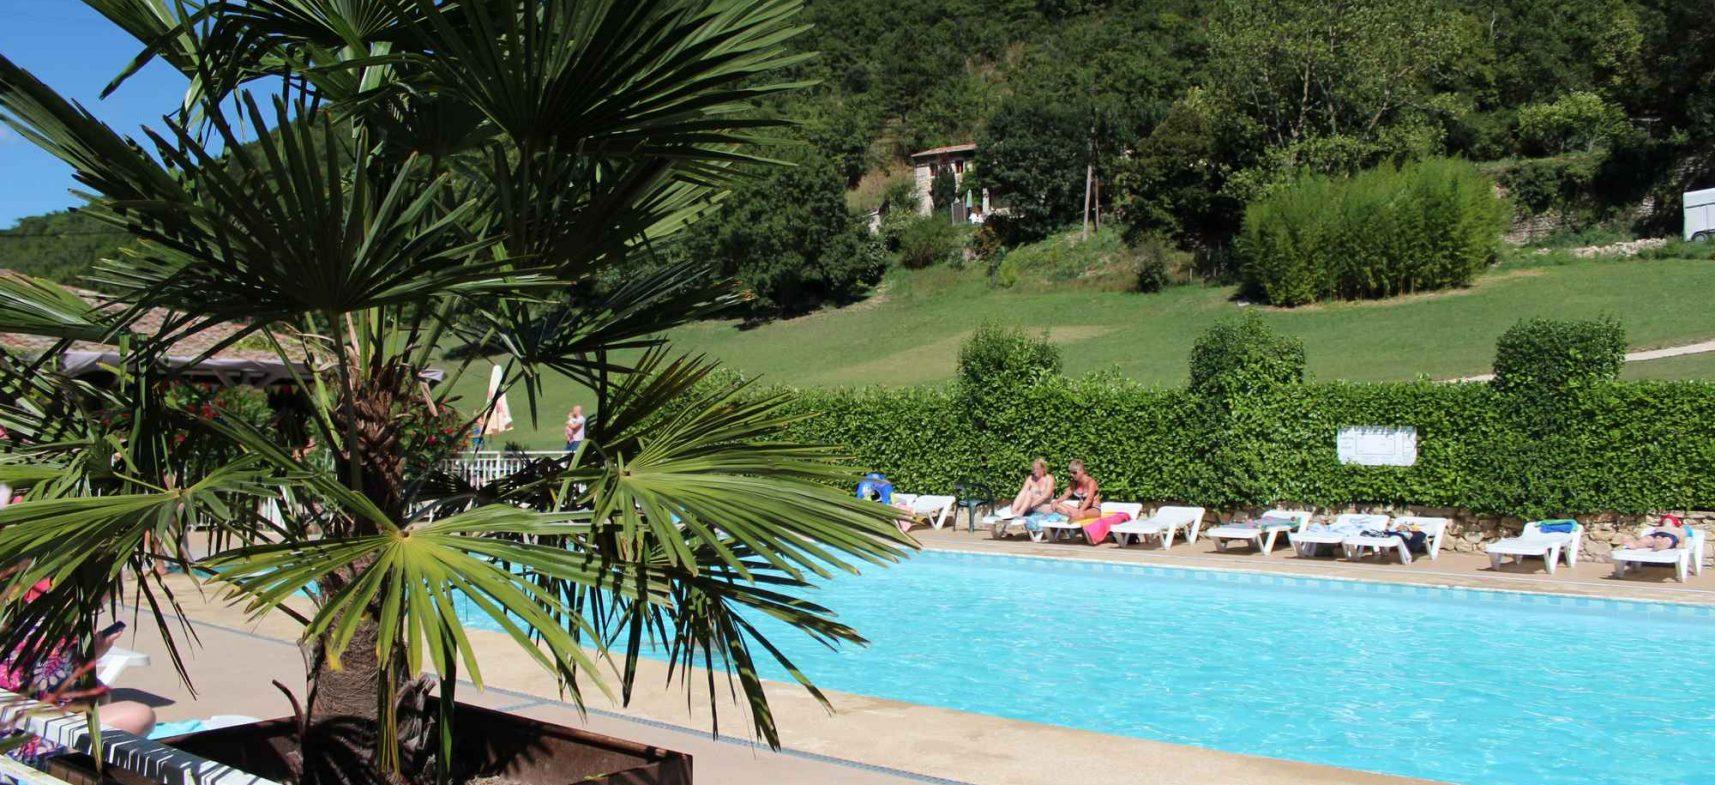 Camping La Poche : Piscine4 1